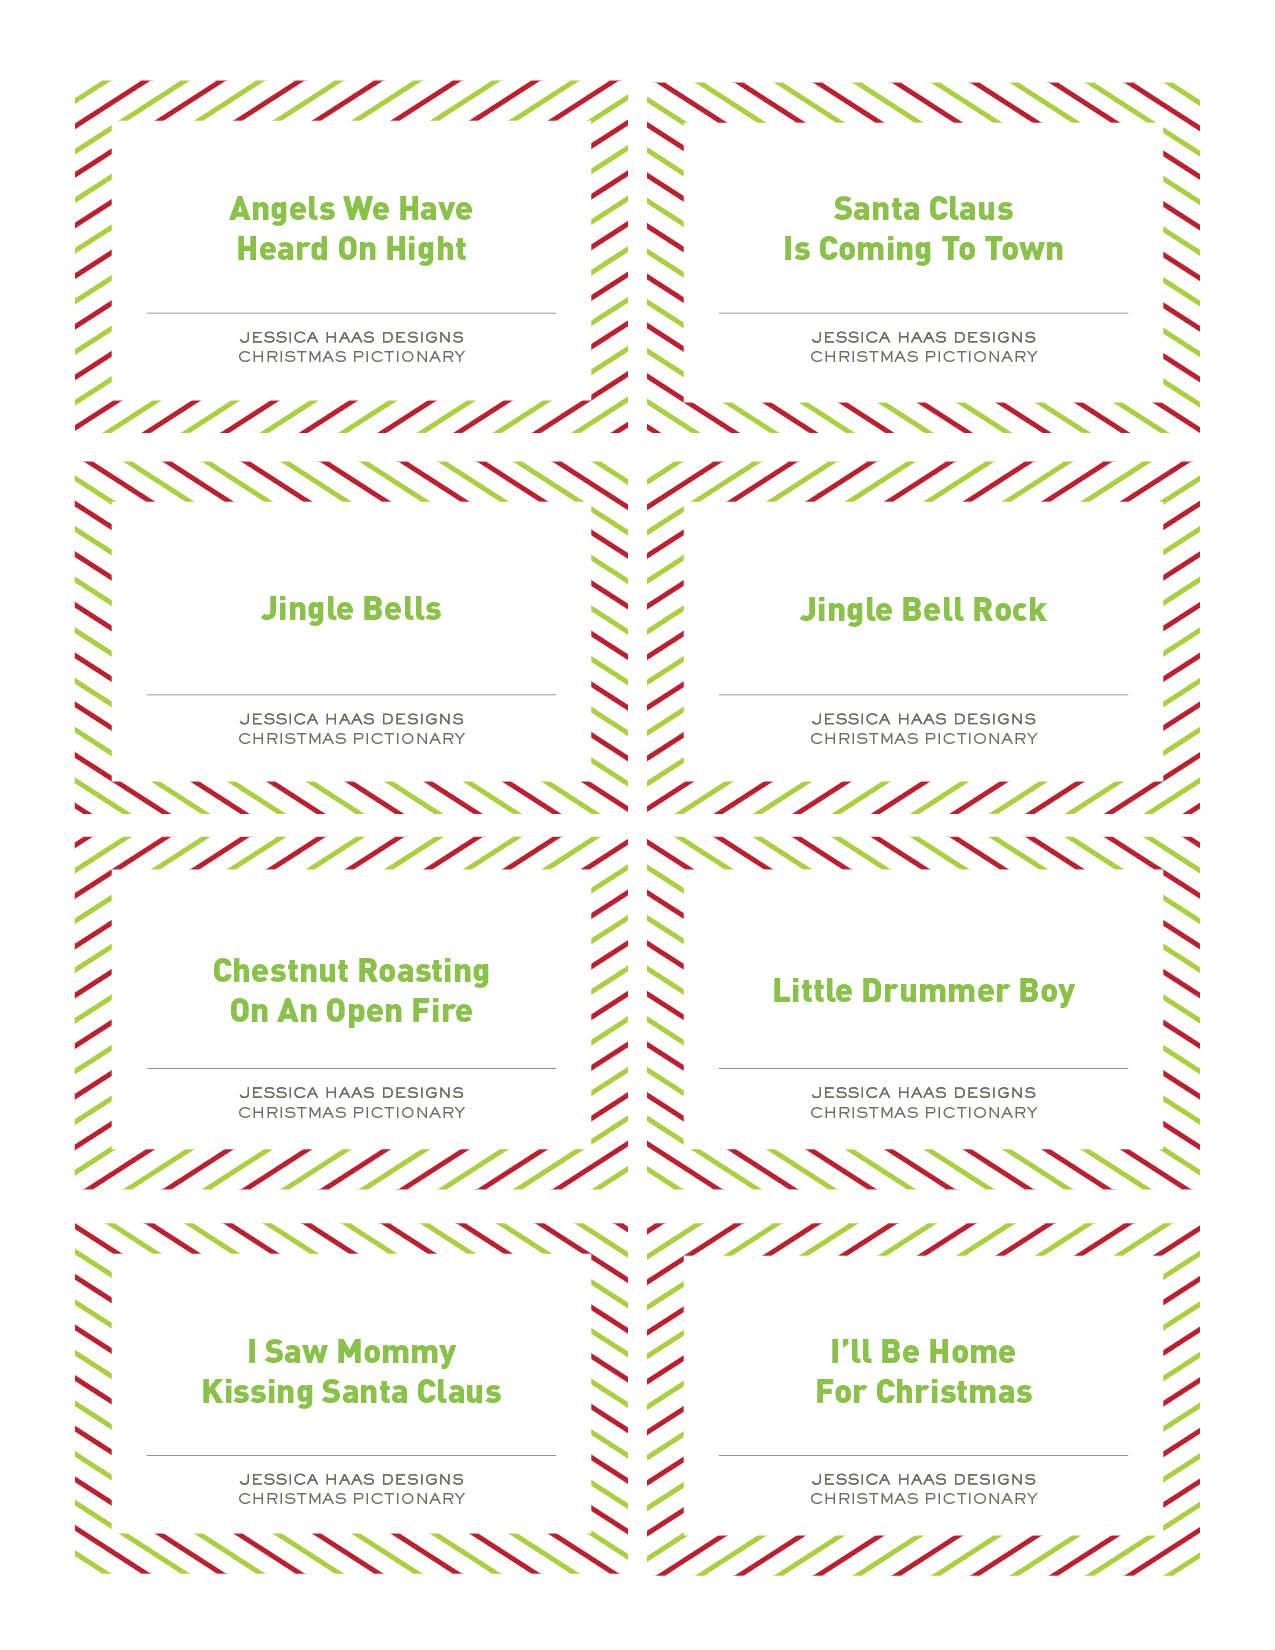 Free Christmas Pictionary Game | - Free Printable Christmas Pictionary Cards